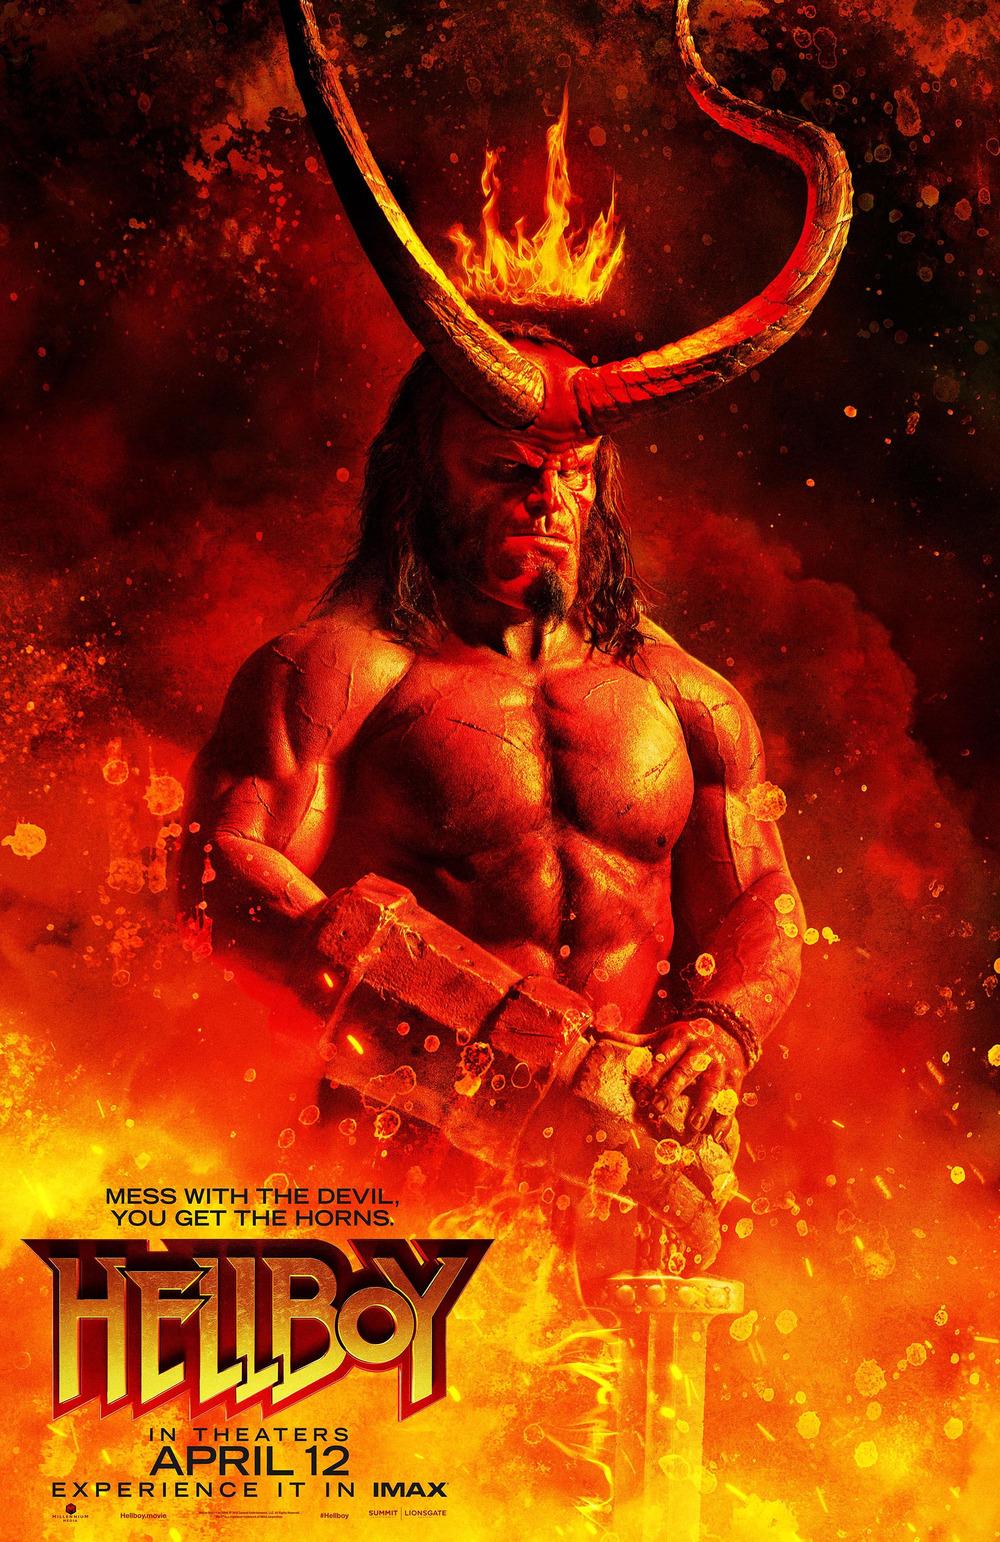 Hellboy DVD Release Date | Redbox, Netflix, iTunes, Amazon